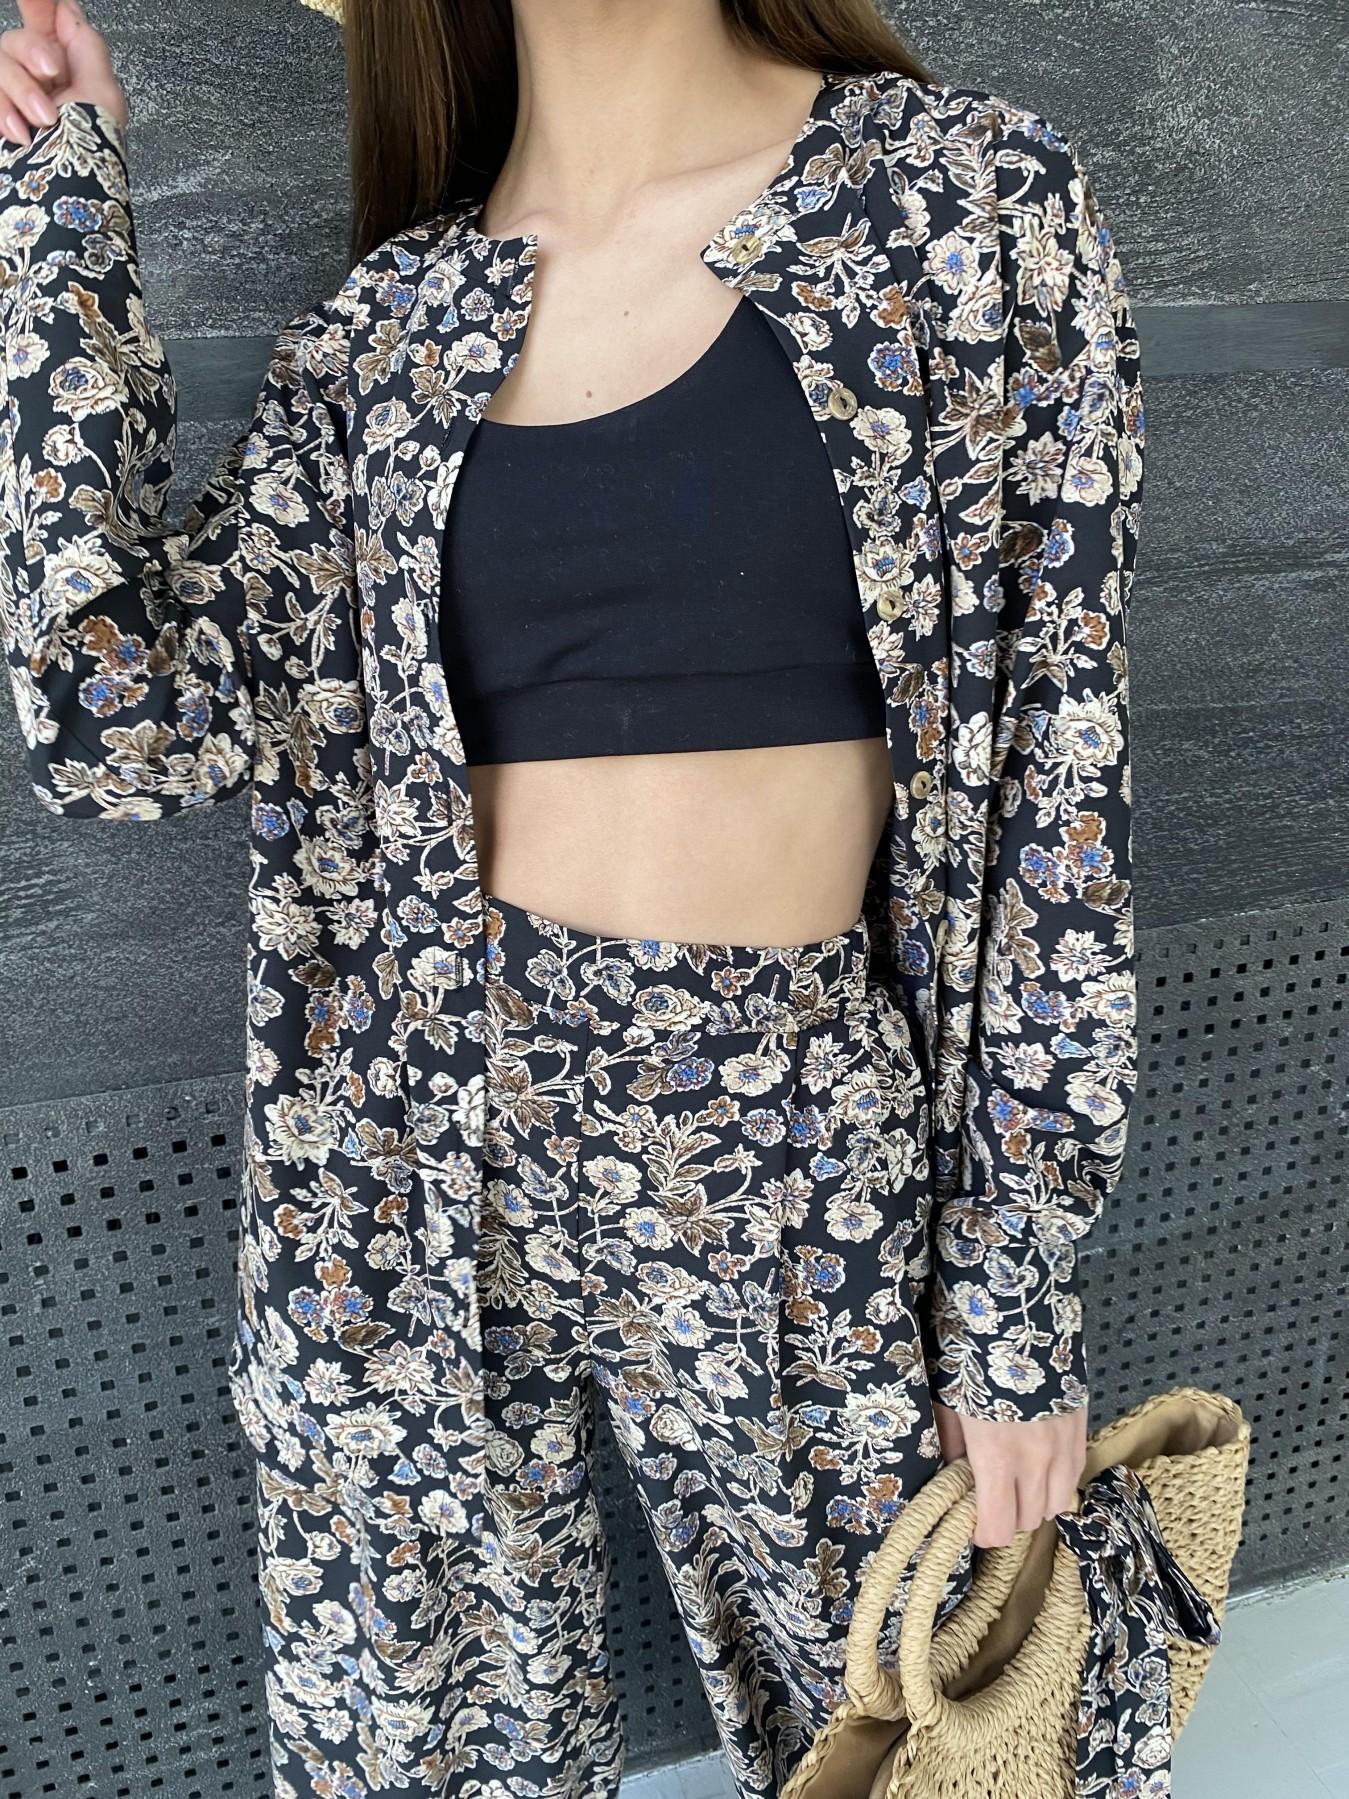 Колибри костюм софт с принтом 11244 АРТ. 47841 Цвет: Черный/т. беж, Цветы - фото 3, интернет магазин tm-modus.ru